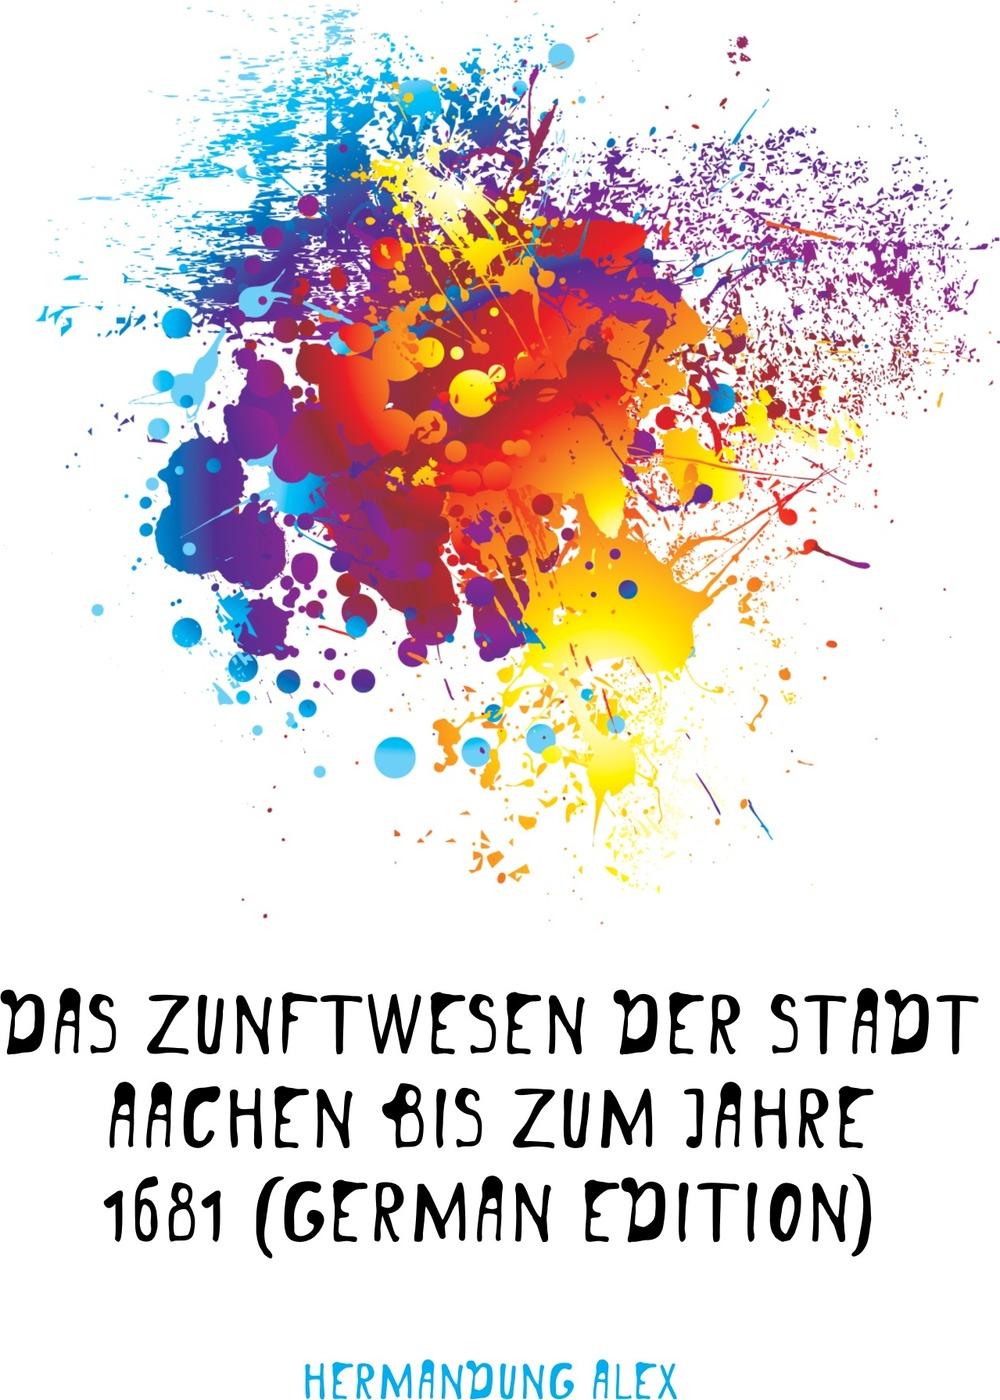 Das Zunftwesen Der Stadt Aachen Bis Zum Jahre 1681 (German Edition) Эта книга — репринт оригинального...